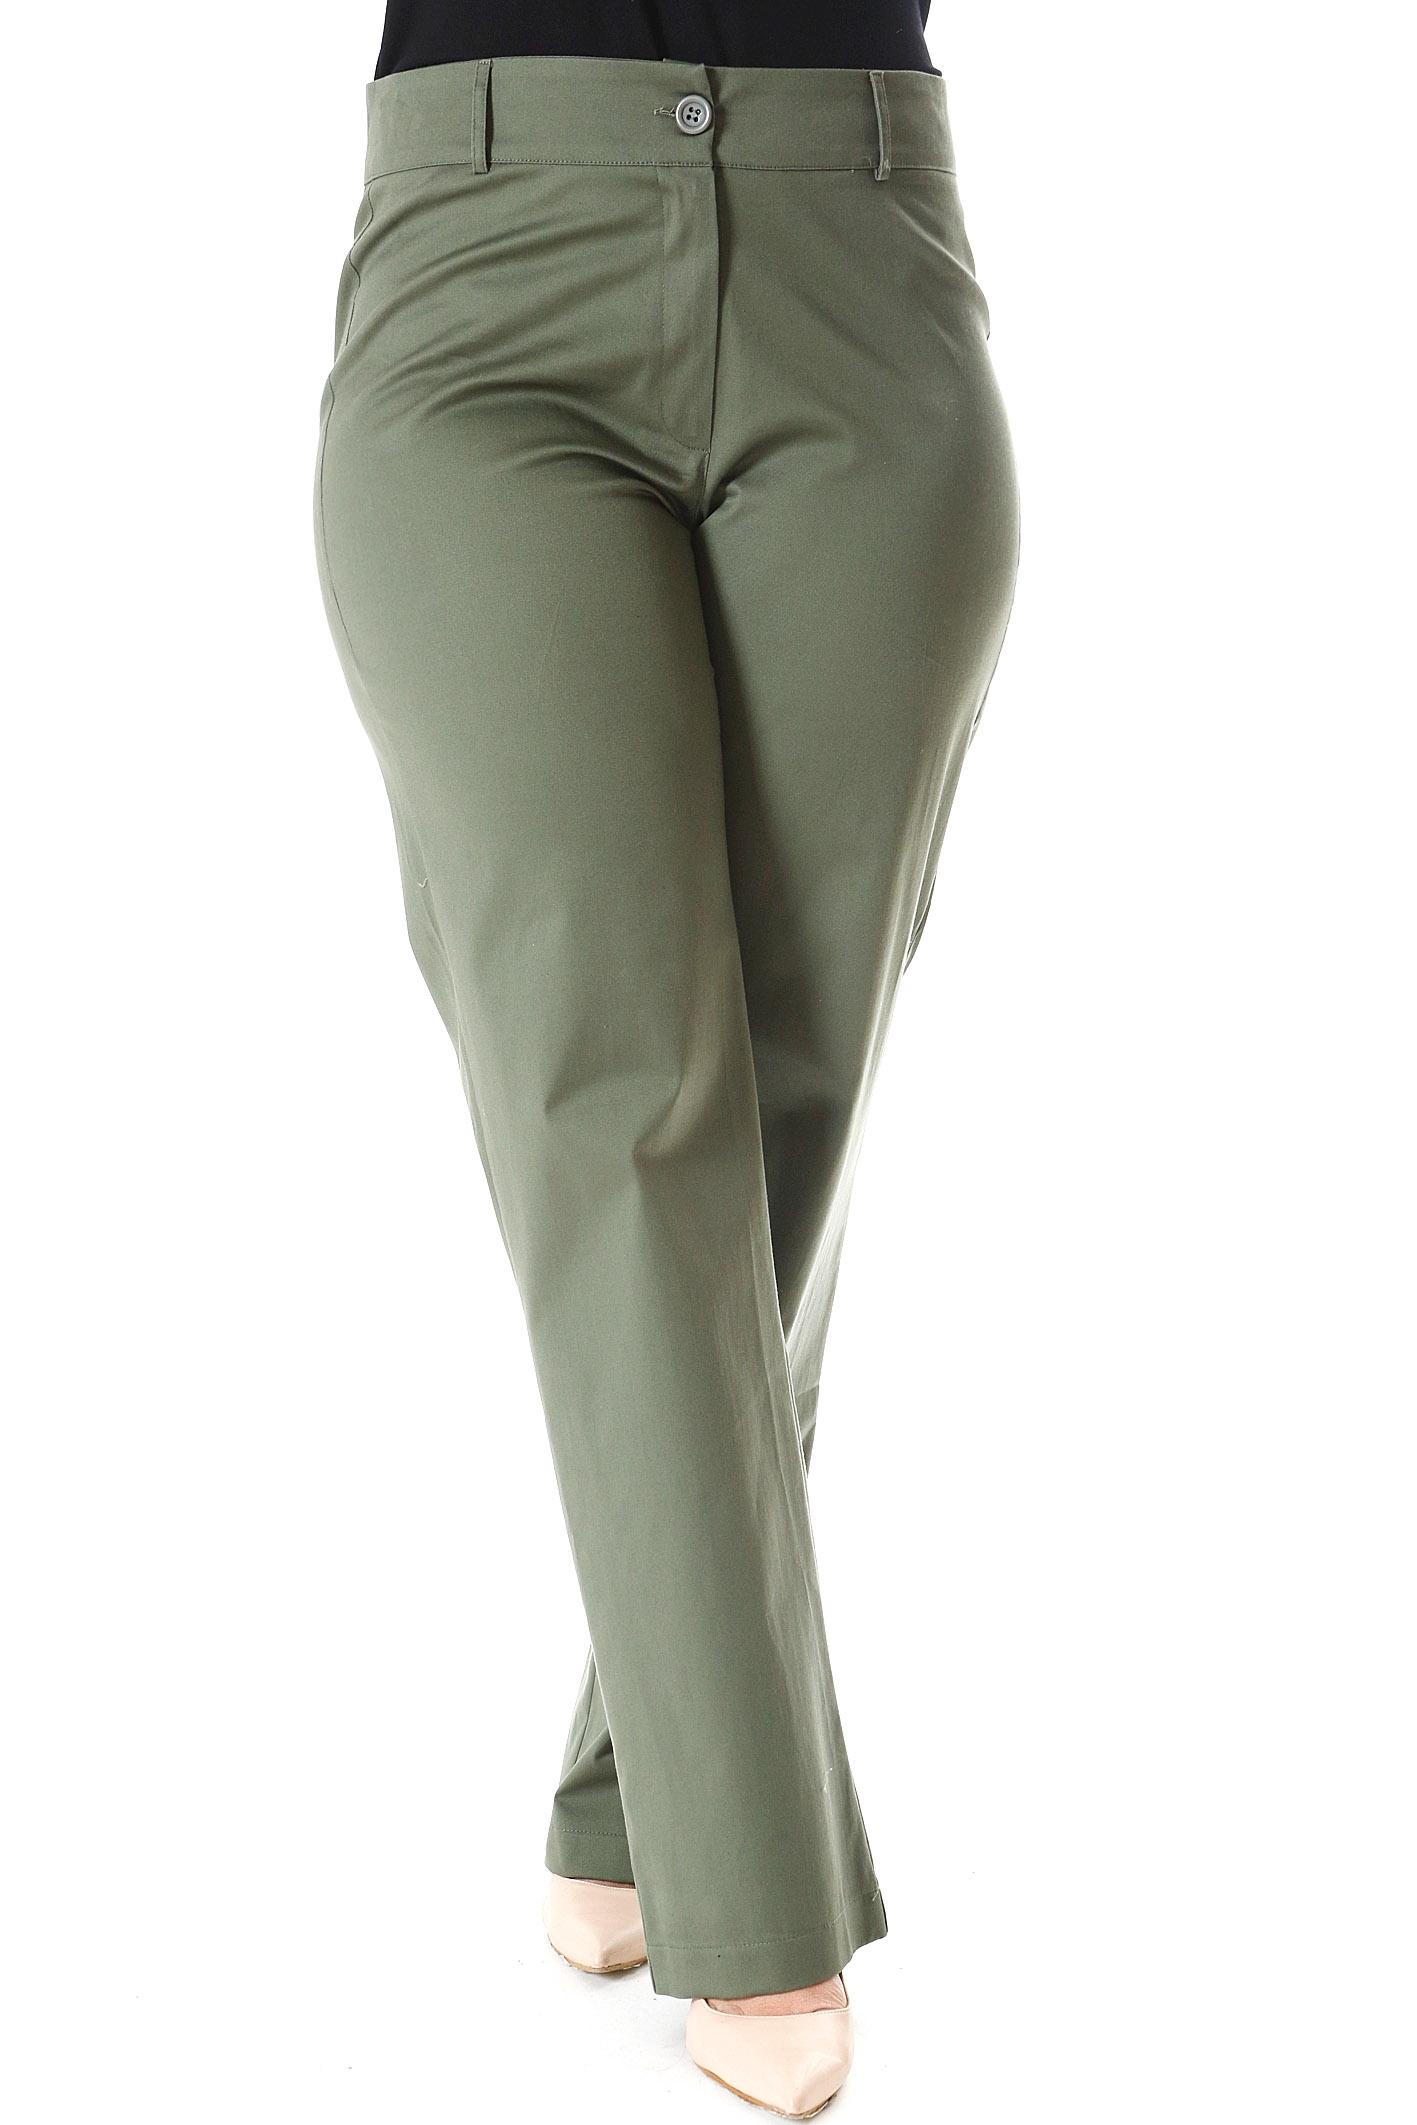 Παντελόνι καπαρντίνα χακί νέες αφίξεις   ενδύματα   παντελόνια   κολάν   simply happy   brands